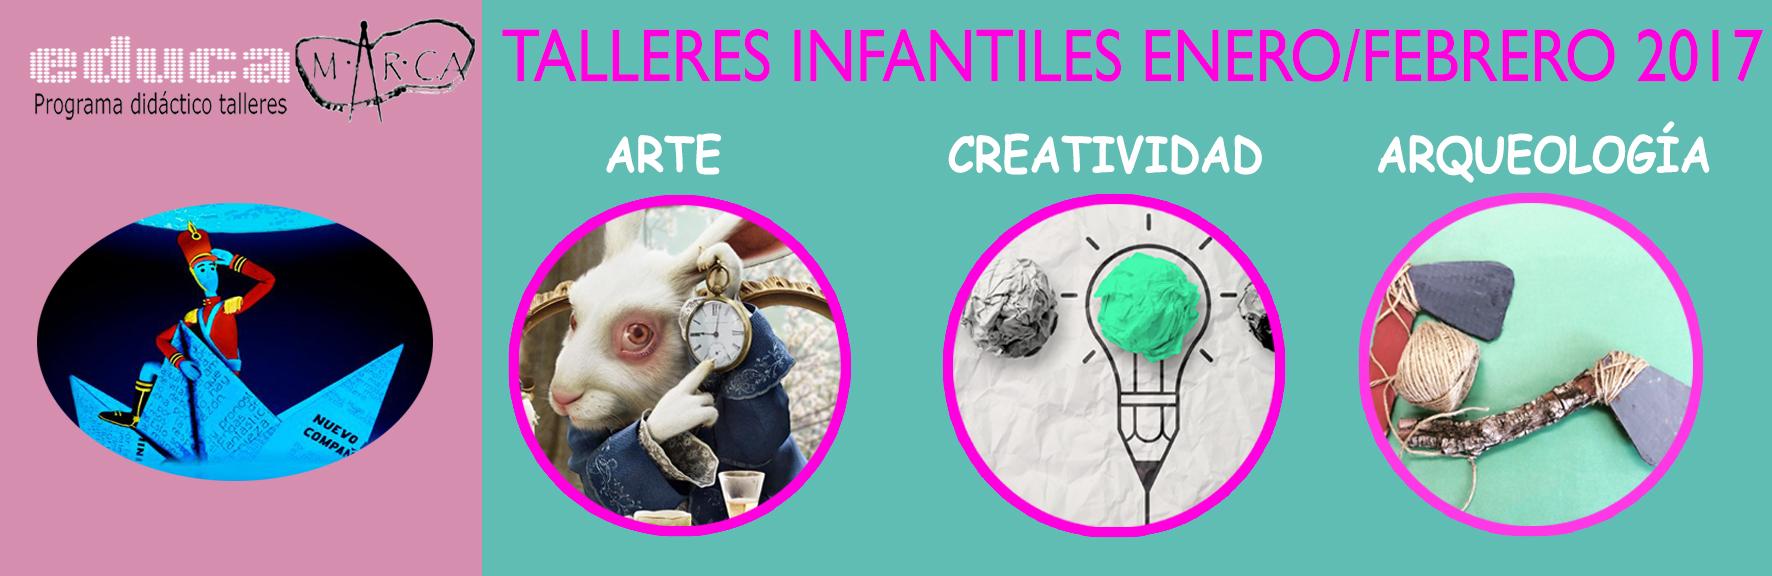 Educamarca, El Marca de Cacabelos presenta sus nuevos talleres para niños 2